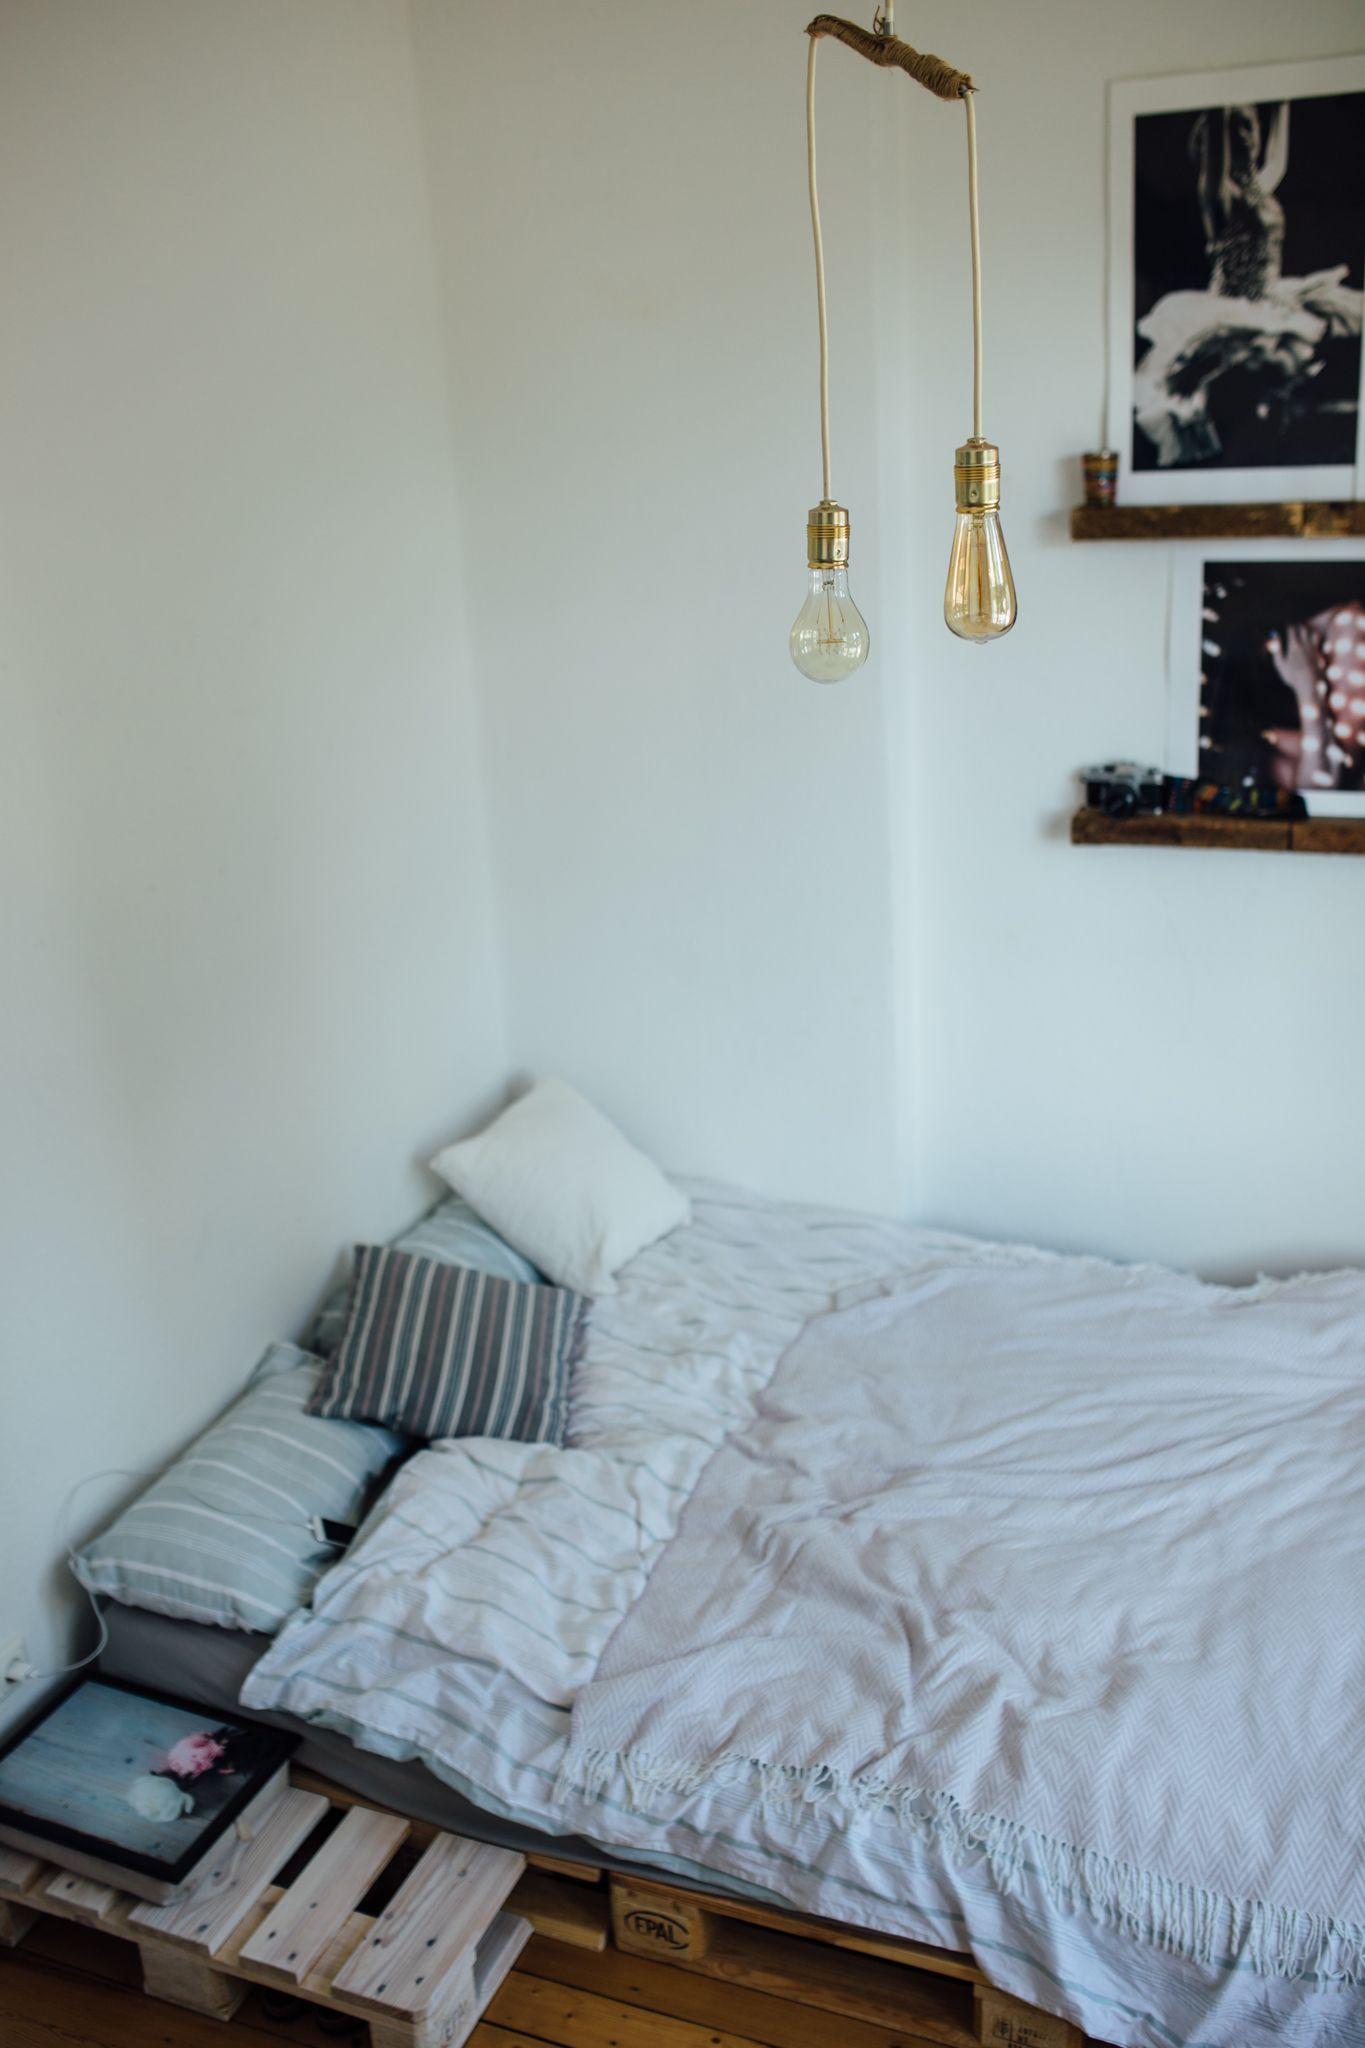 Schlafzimmer mit Retrolampen, Bildergalerie und Bett aus